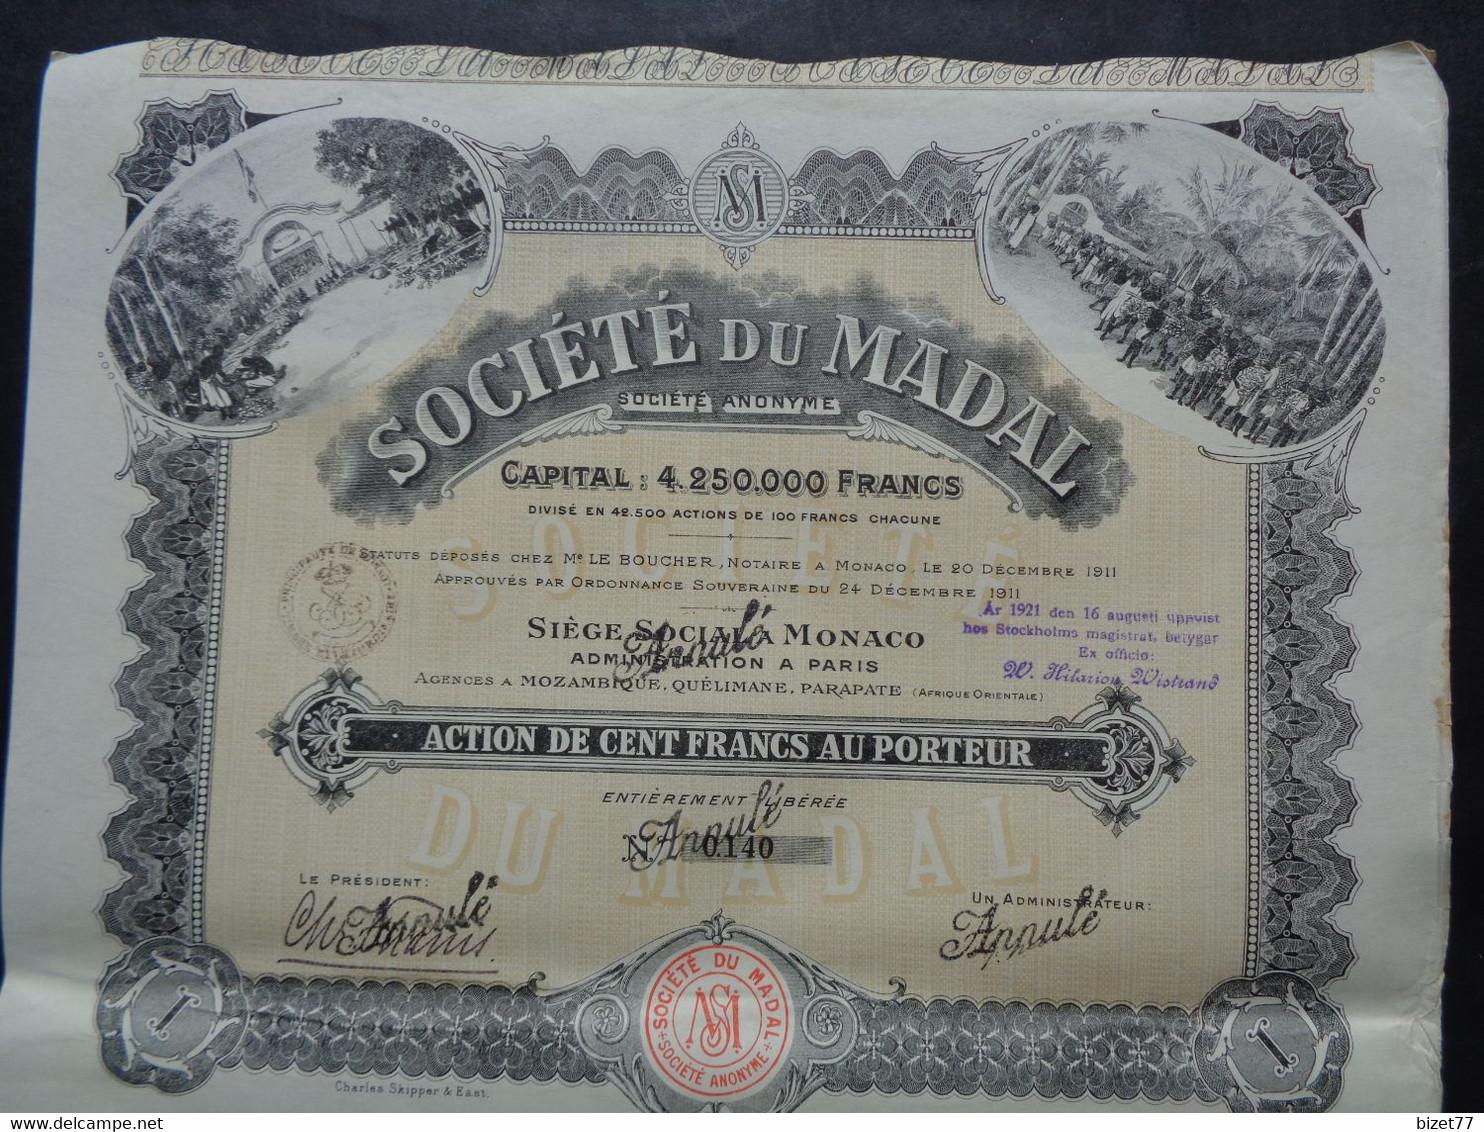 AFRIQUE - STE DU MADAL : MOZAMBIQUE, QUELIMANE, PARAPATE - ACTION DE 100 FRS - MONACO 911 - Unclassified